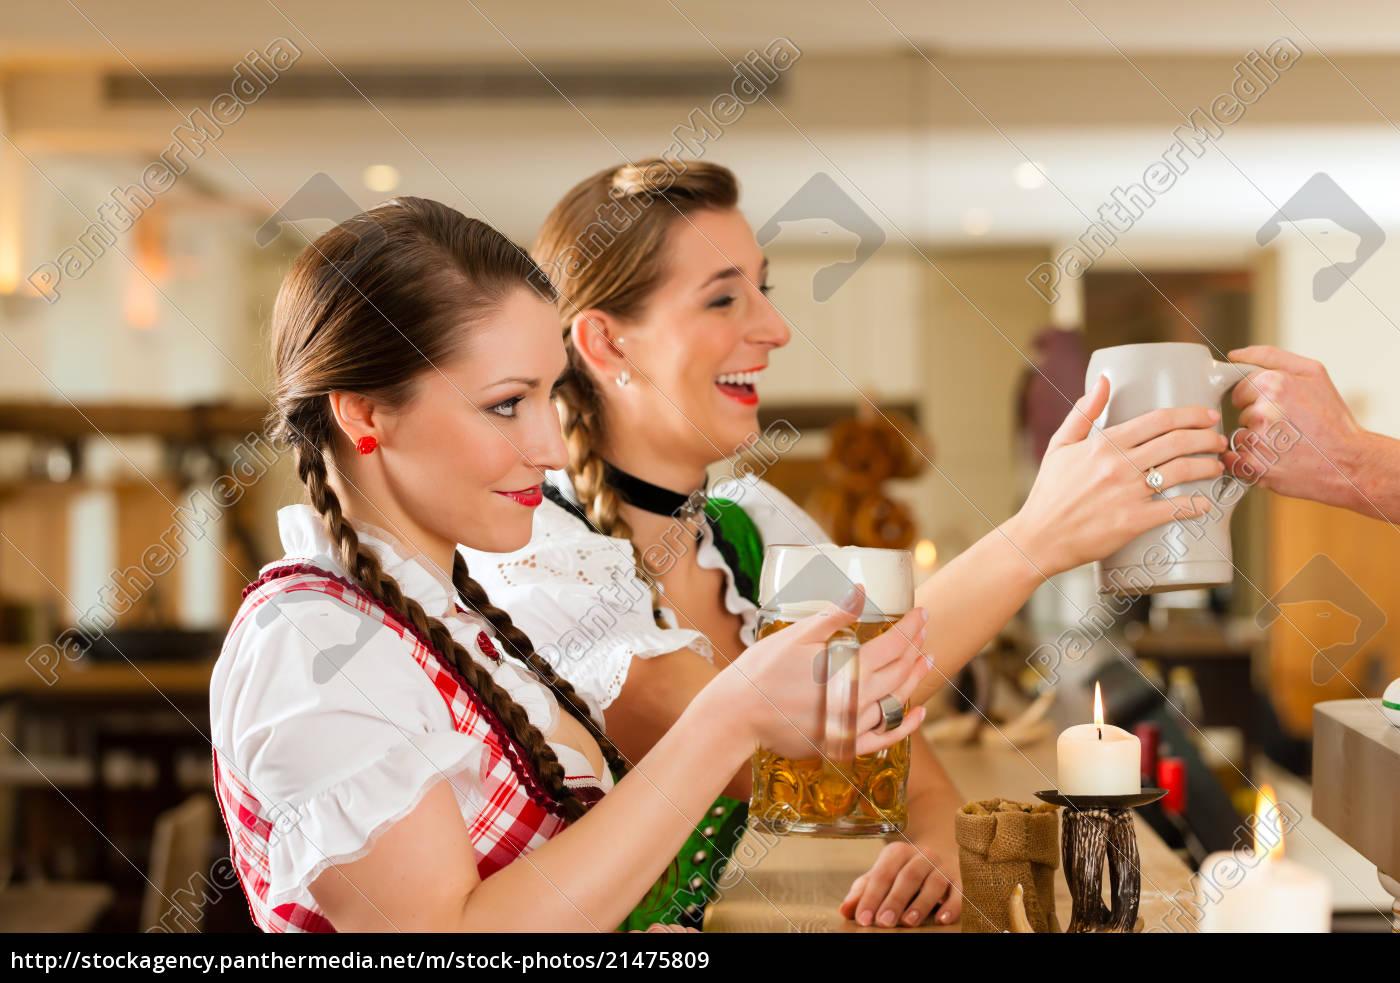 zwei, junge, frauen, im, traditionellen, bayerischen - 21475809